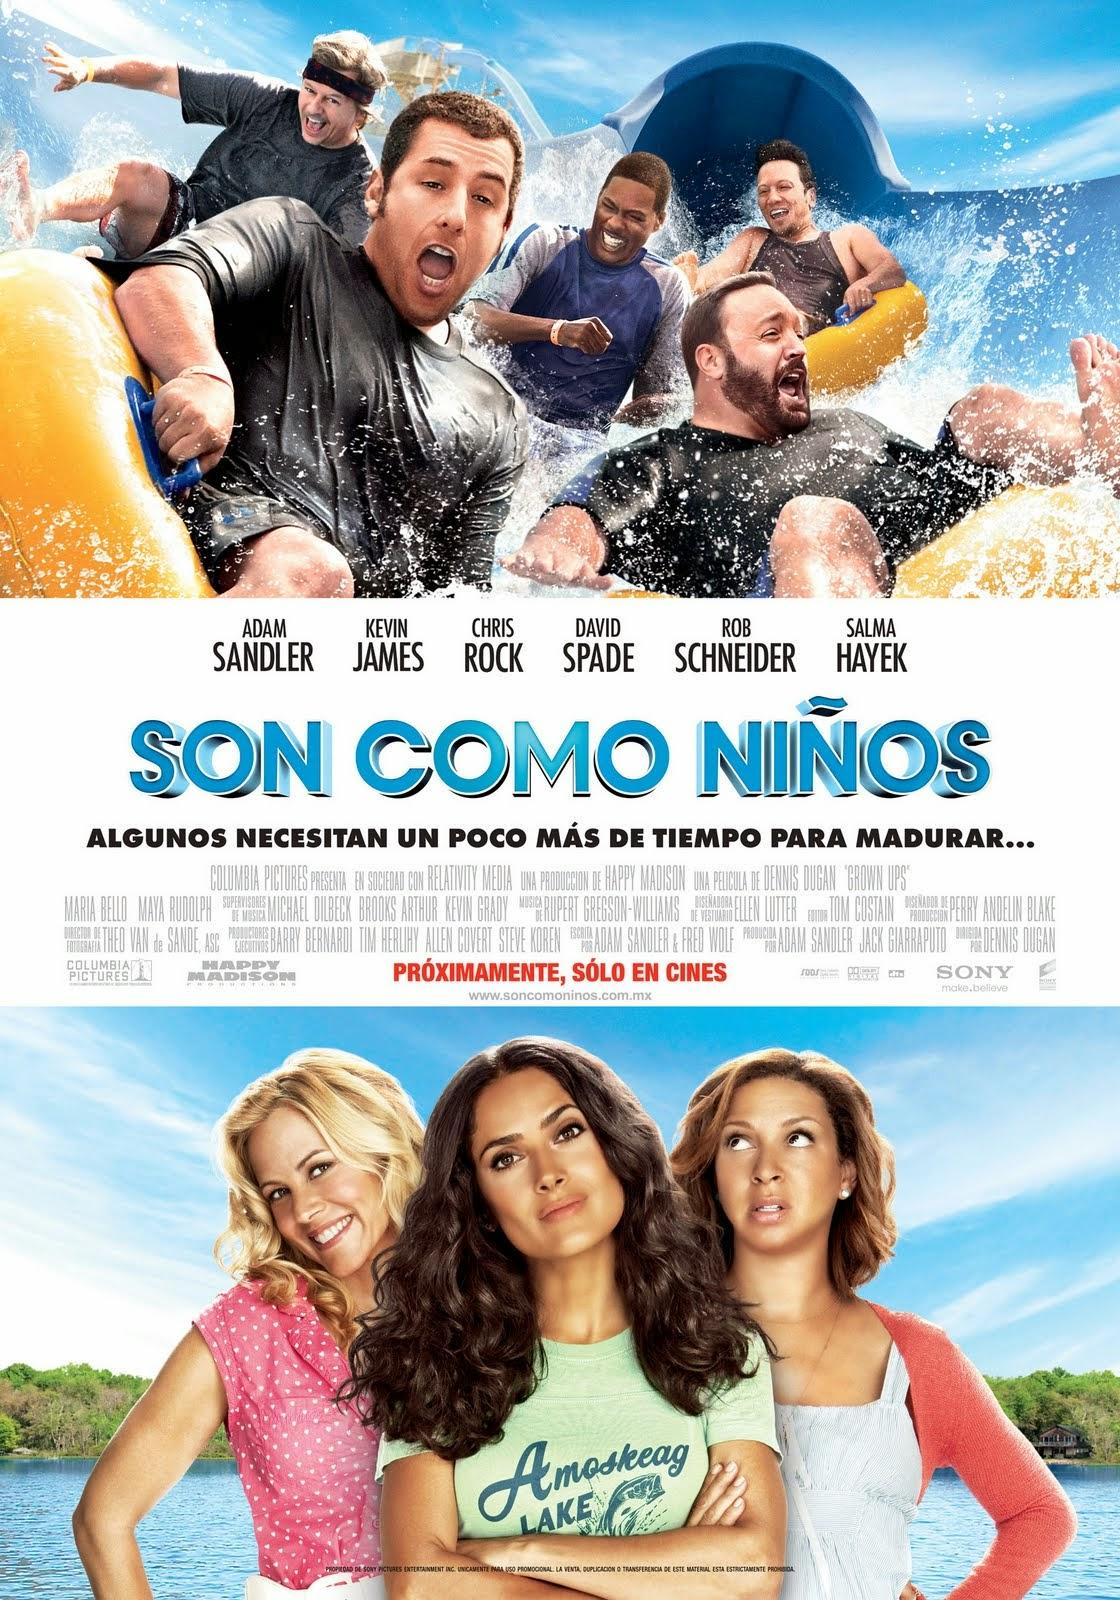 Son como niños [2010] DVDRip Latino